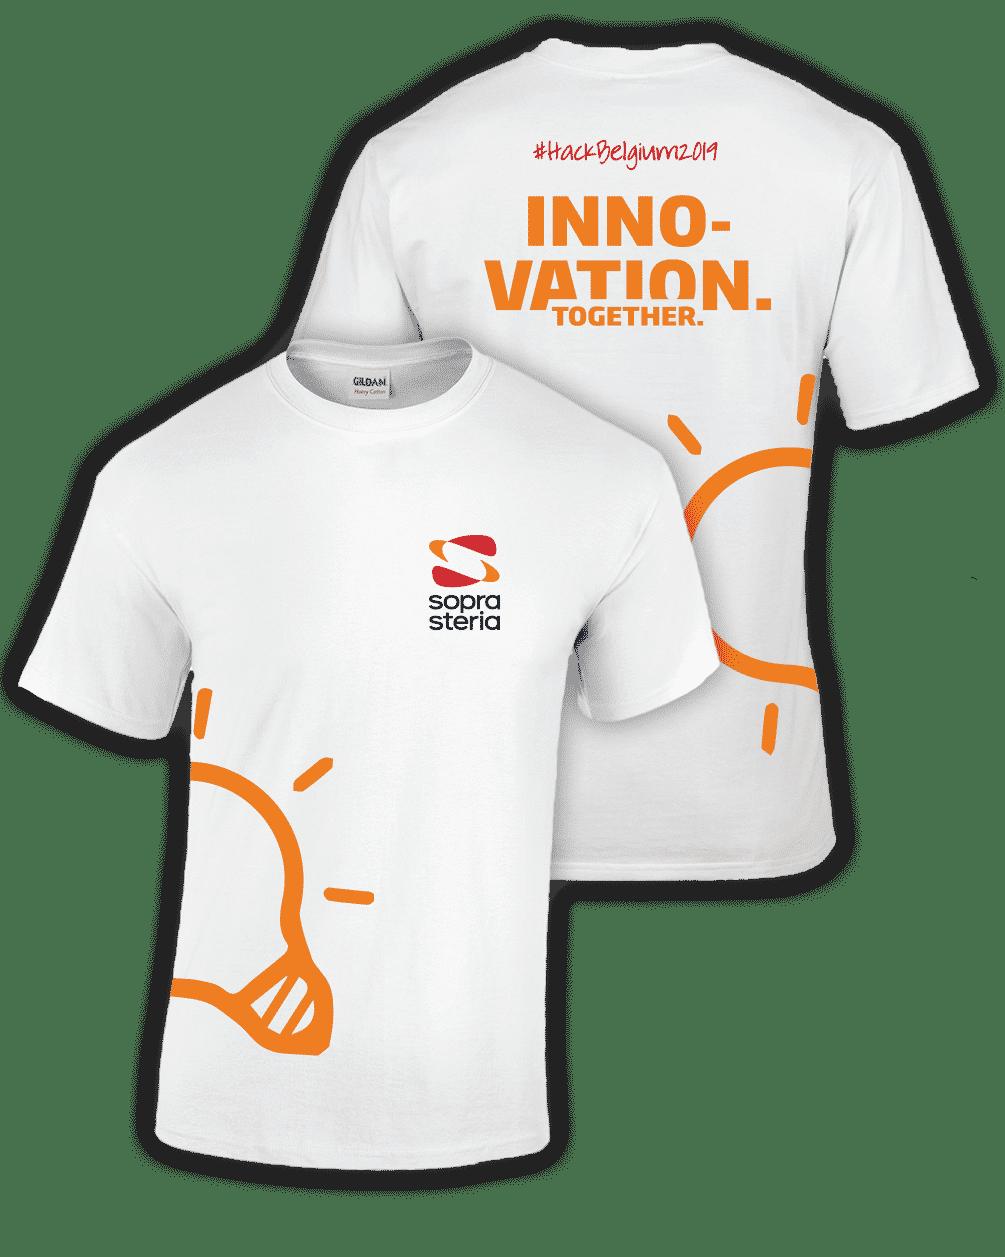 Floc-kings - t-shirt promotionnel pour événement professionnel